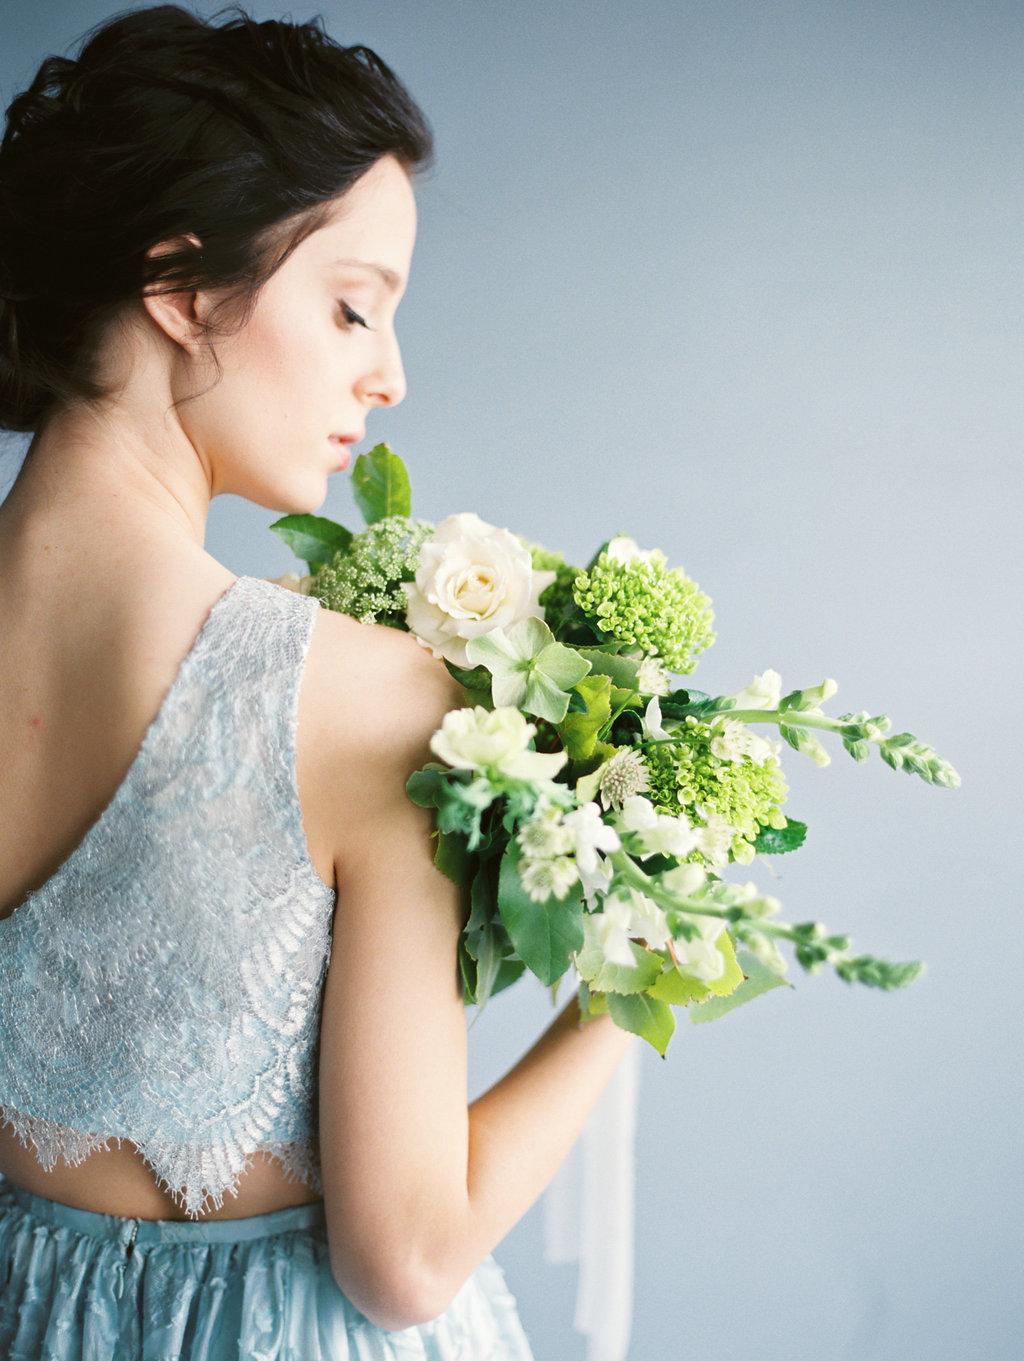 Dallas Wedding and Event Venue   Blog at The Empire Room Dallas